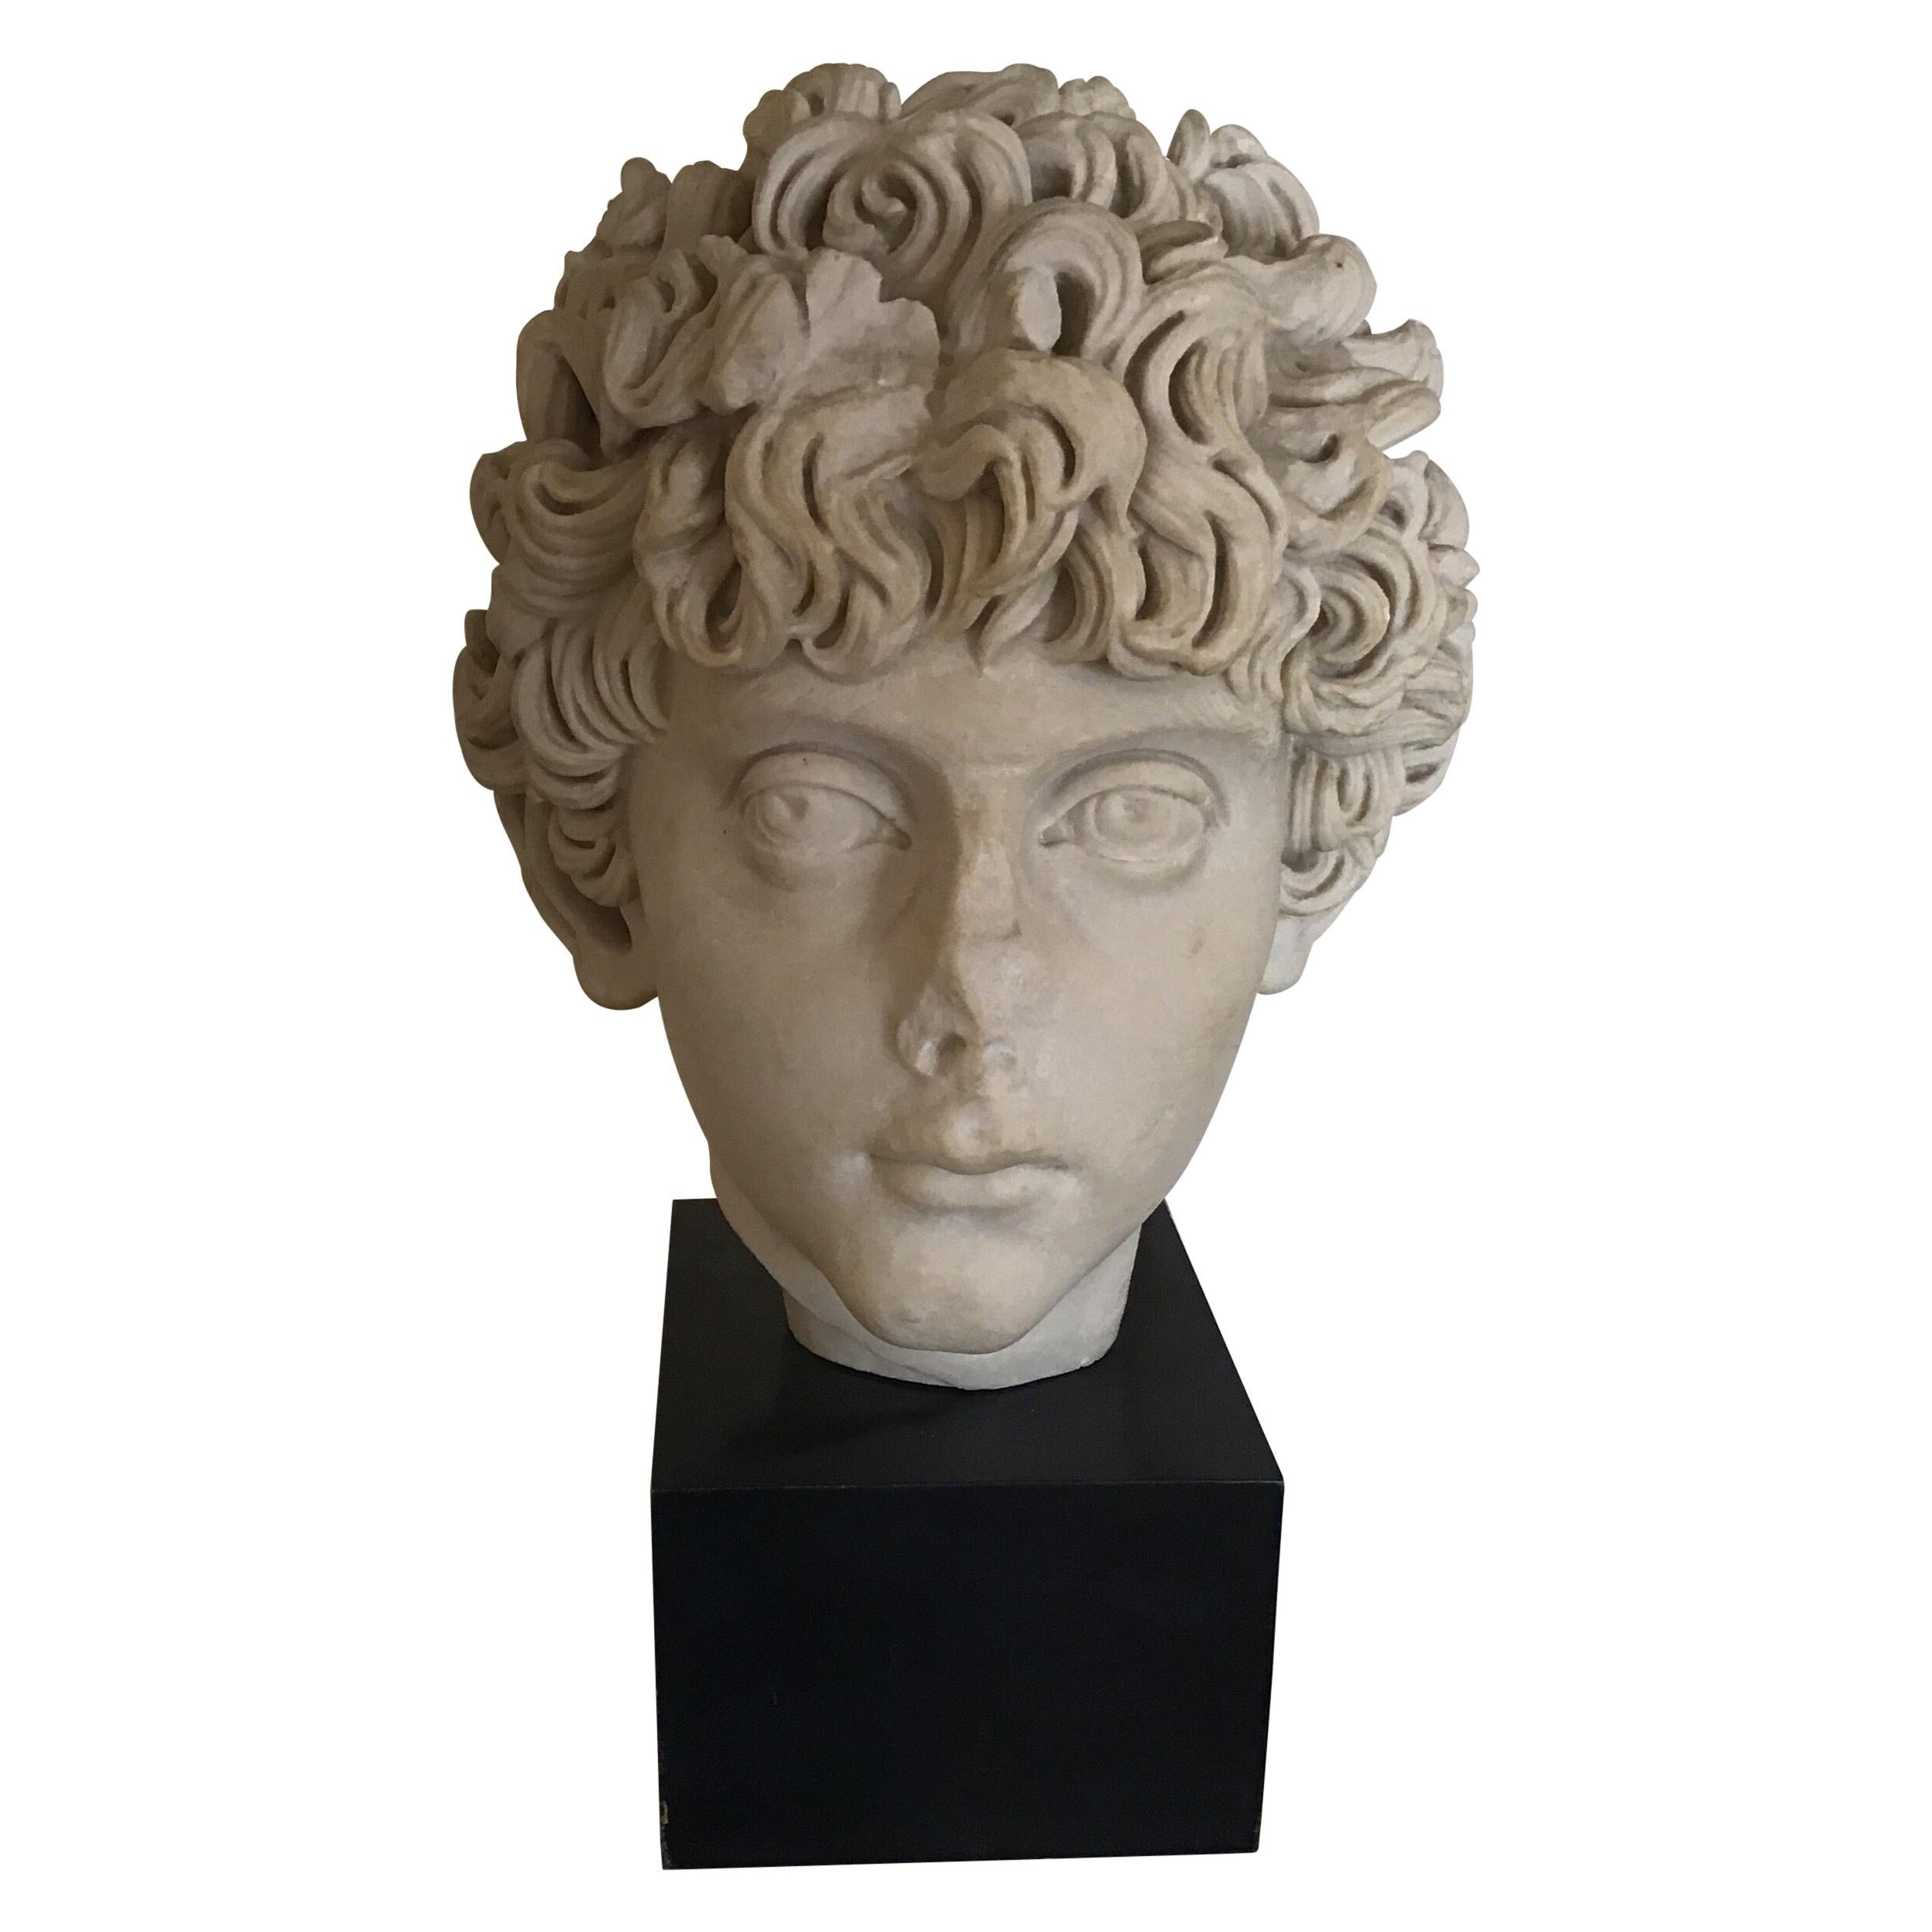 Cast Marble Roman Sculpture